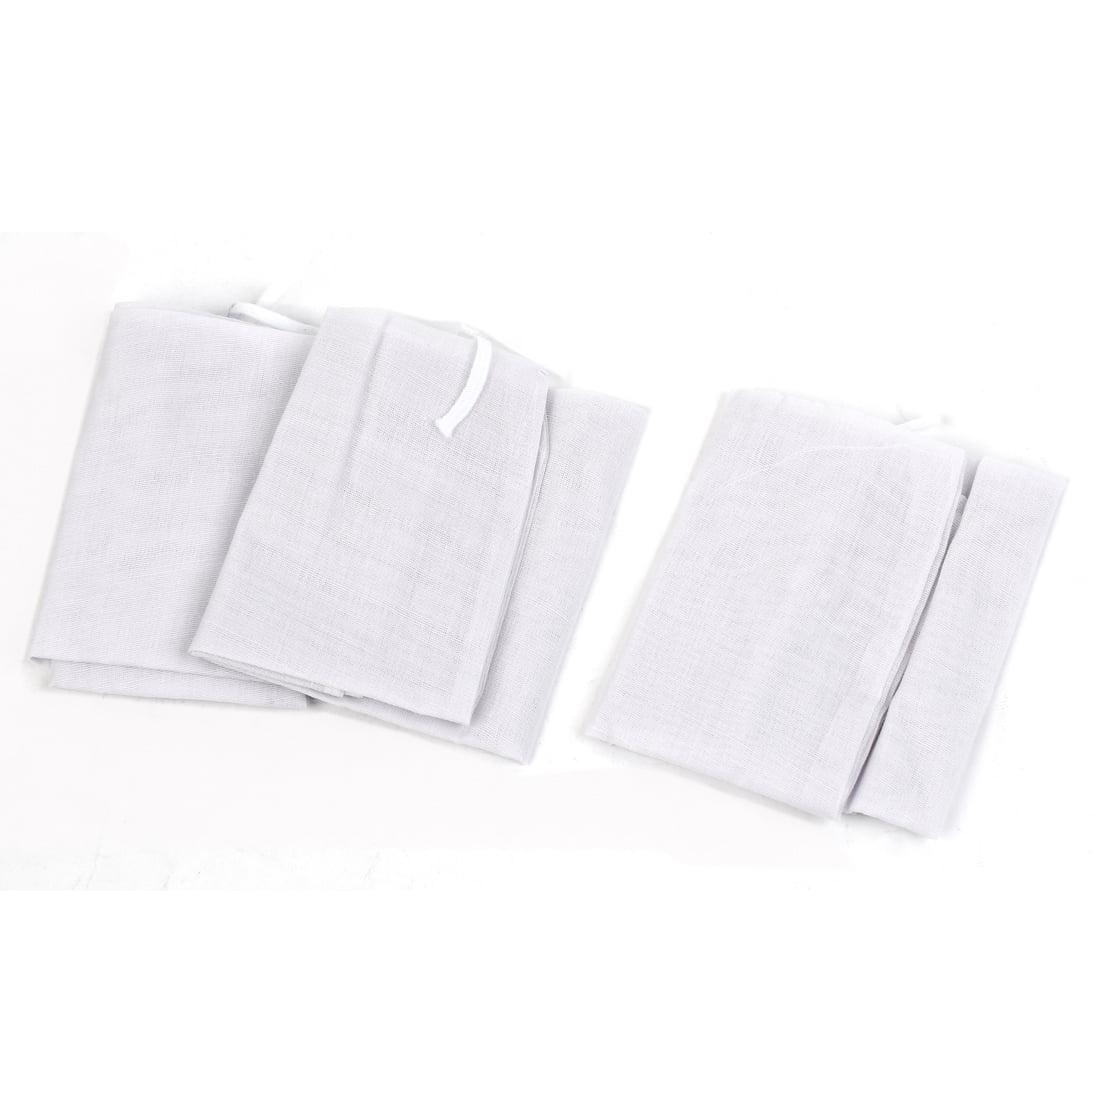 """14.5"""" x 10.2"""" Soup Ingredients Filtration Filter Reusable Mesh Bag White 3pcs - image 3 de 3"""